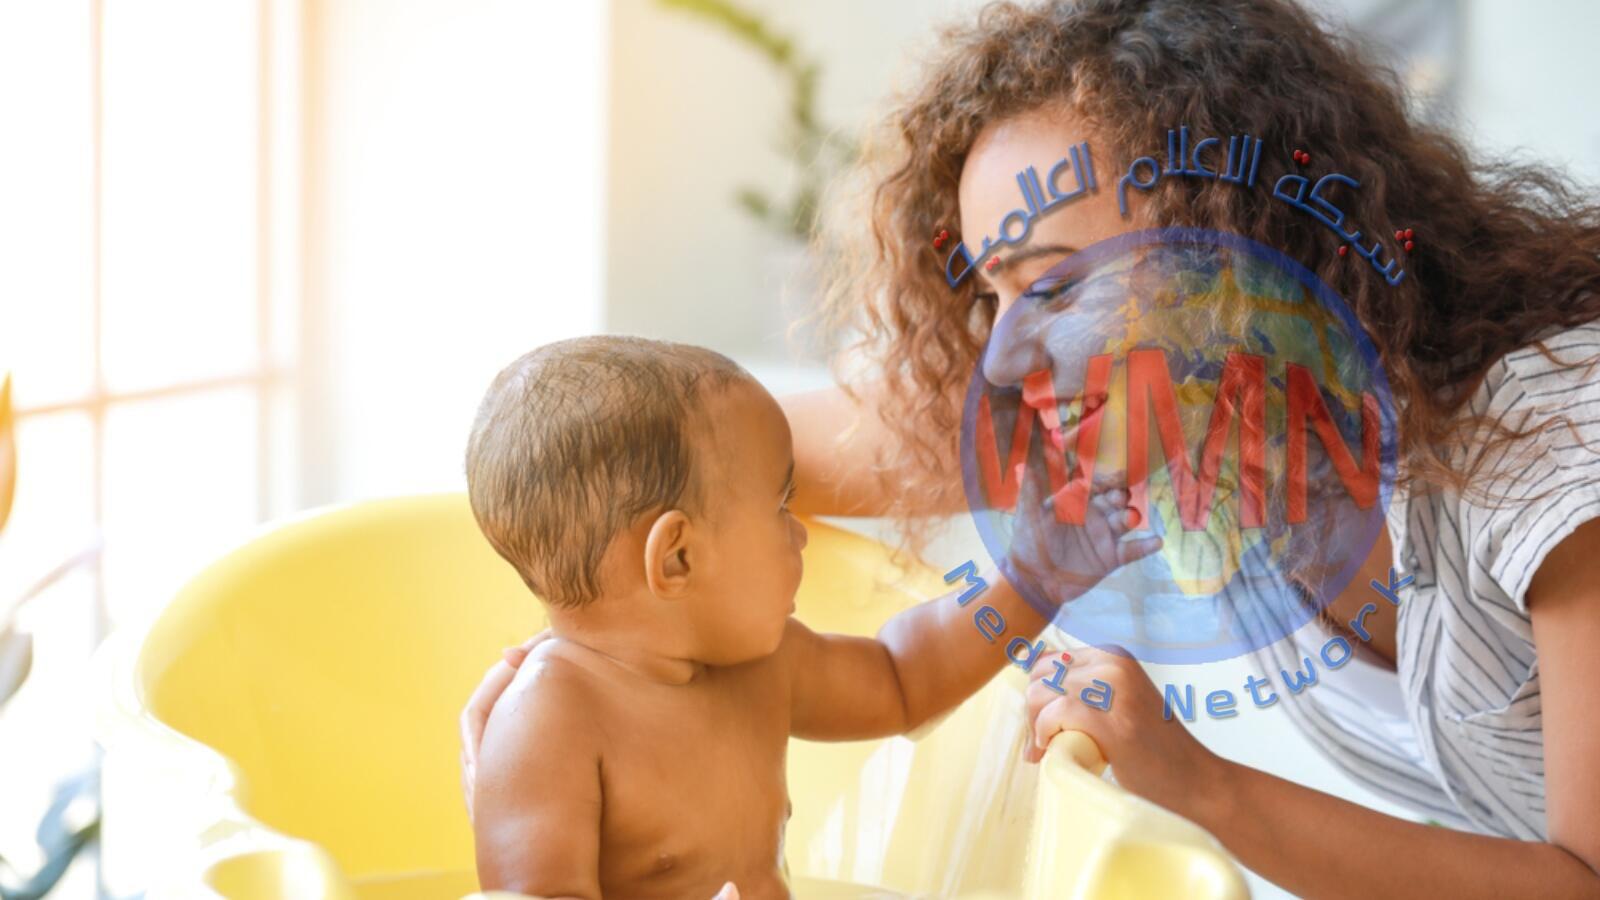 14 نصيحة عند تحميم طفلك الصغير